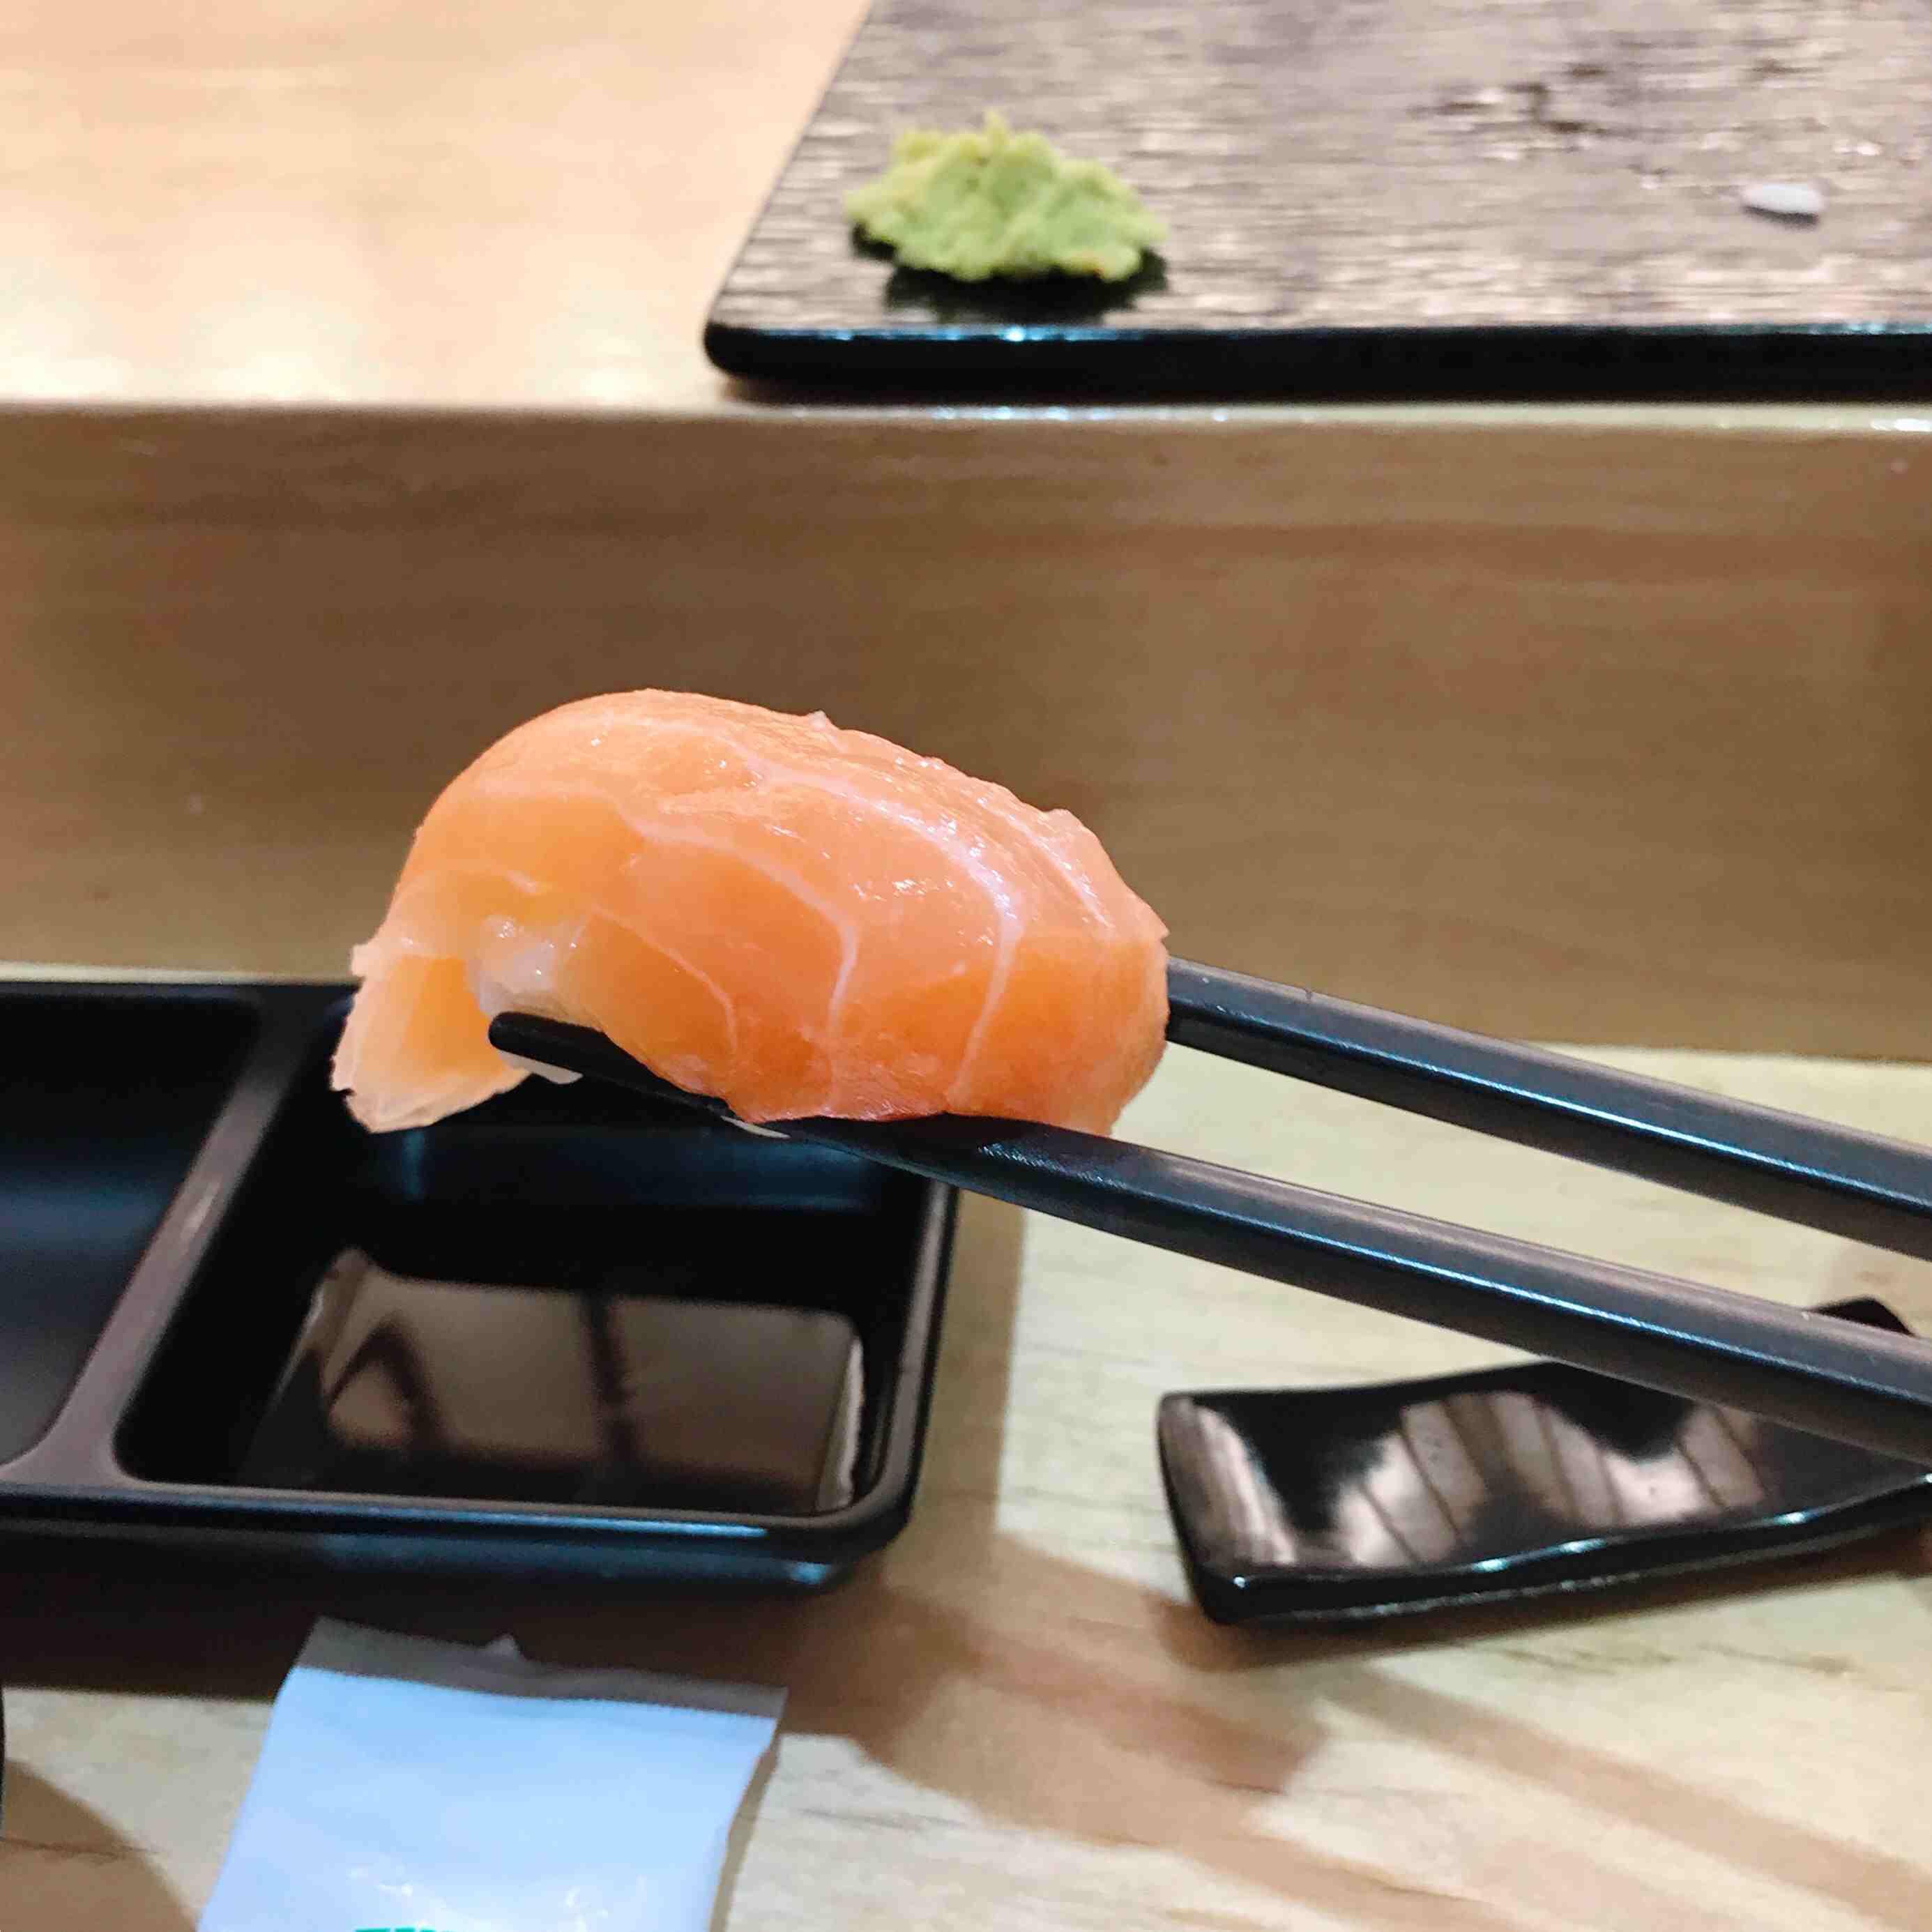 鮭魚!!小編最愛的鮭魚!!這裡的鮭魚真的很好吃!!沒有其他壽司店的那一種從冰箱拿出來冷藏過的味道!(所以小編根朋友再點了兩份鮭魚壽司)